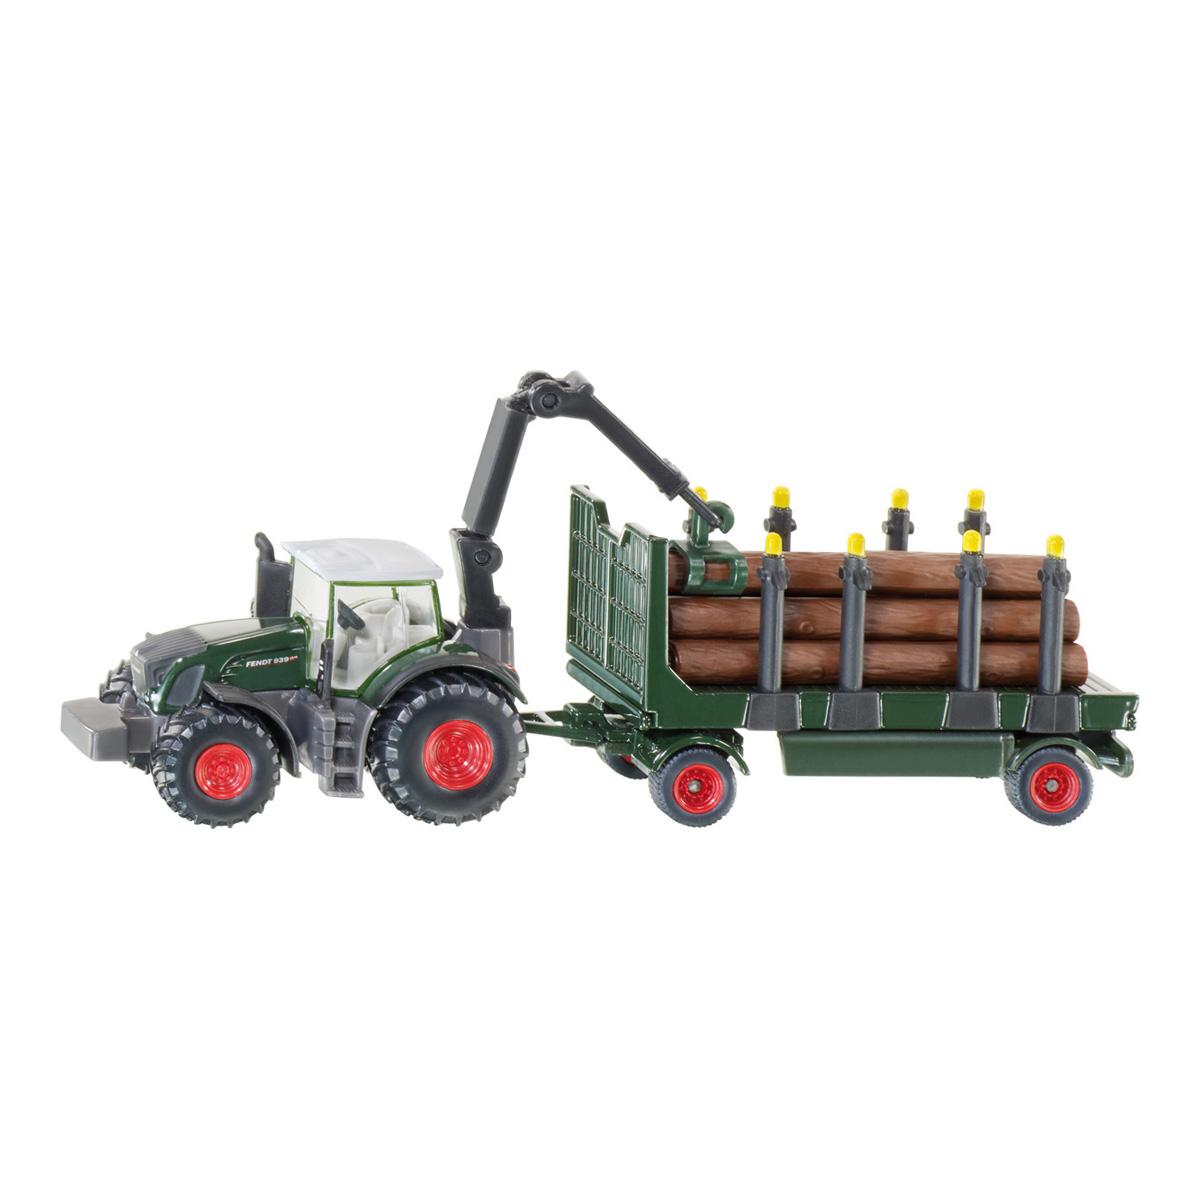 ファーマー 木材運搬トラクター 1/87(ジク・SIKU)